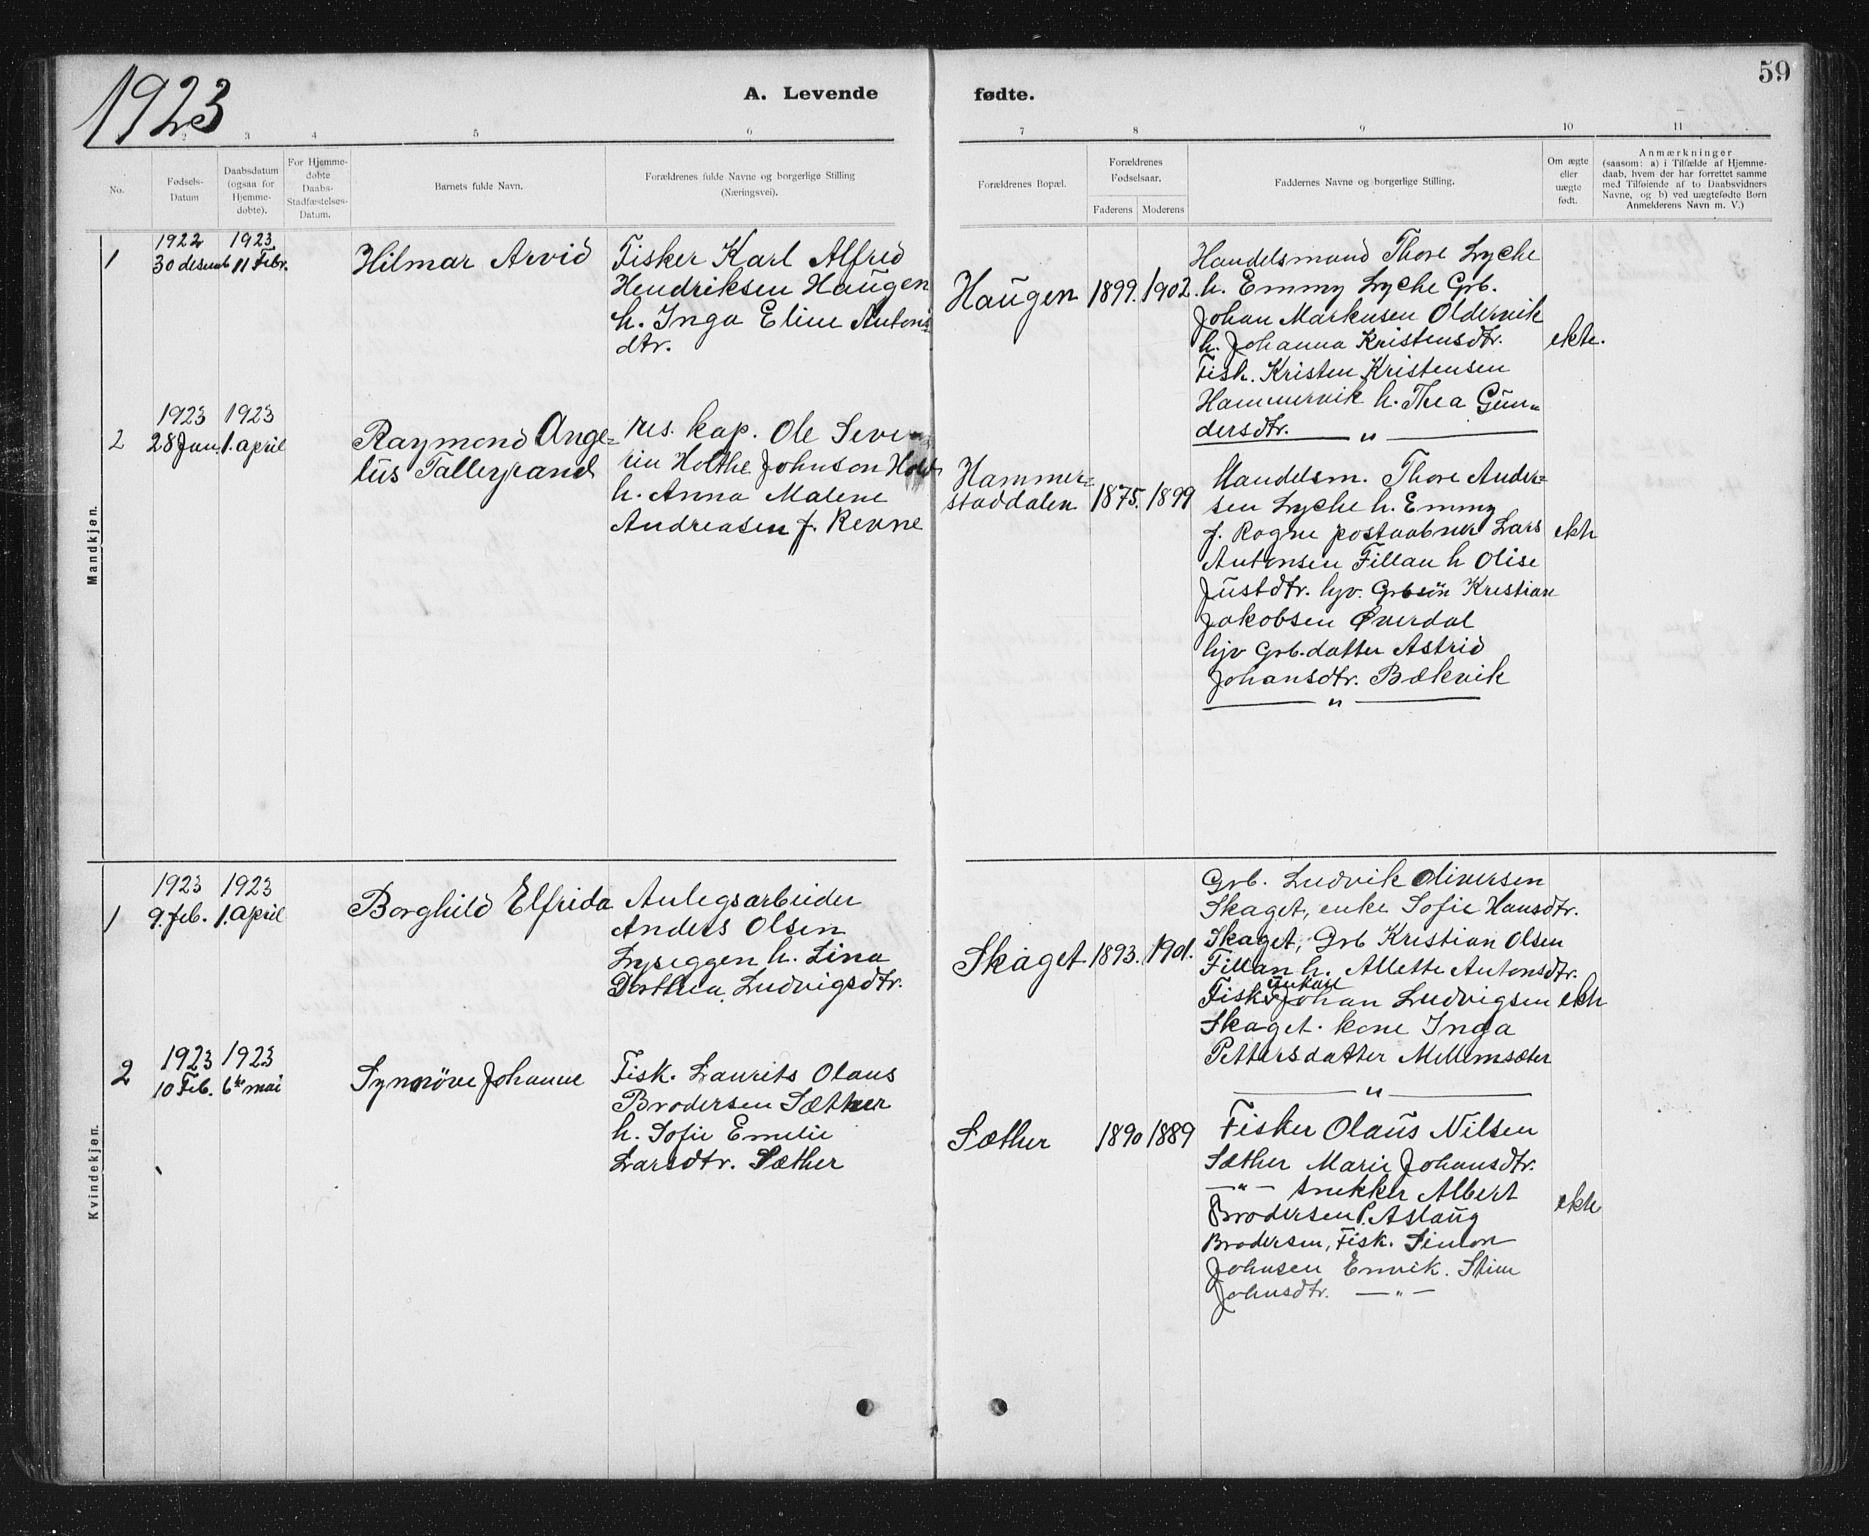 SAT, Ministerialprotokoller, klokkerbøker og fødselsregistre - Sør-Trøndelag, 637/L0563: Klokkerbok nr. 637C04, 1899-1940, s. 59